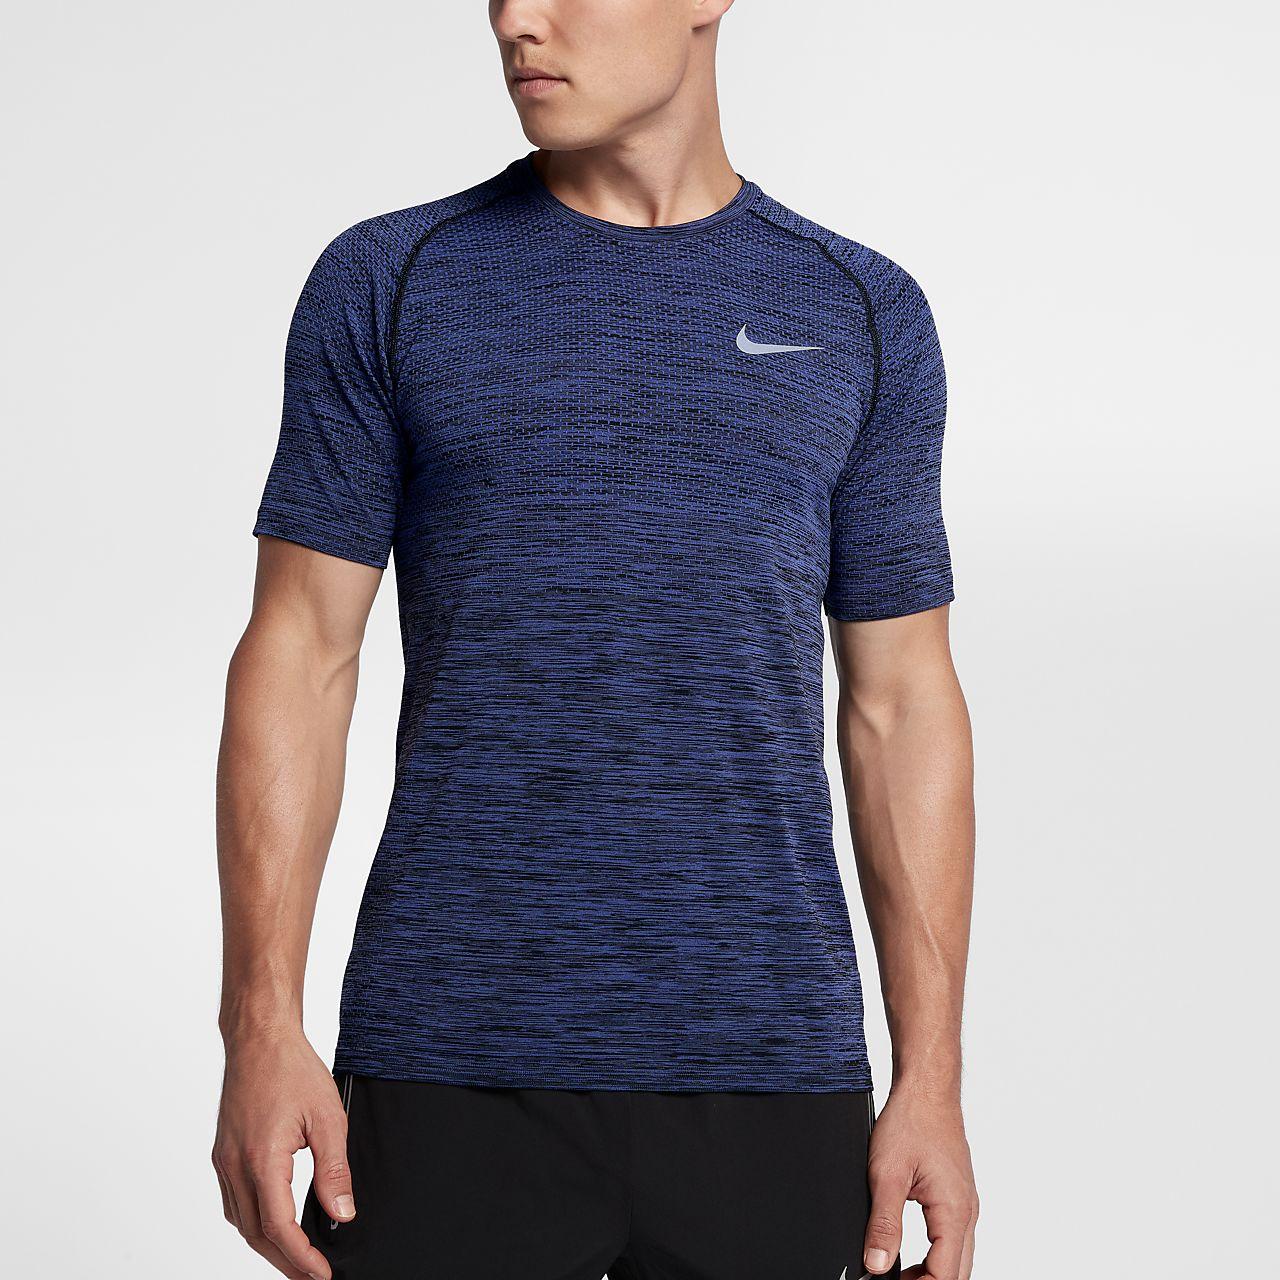 buy popular 6ebd8 68d5b Haut de running 脿 manches courtes Nike Dri FIT Knit pour Homme